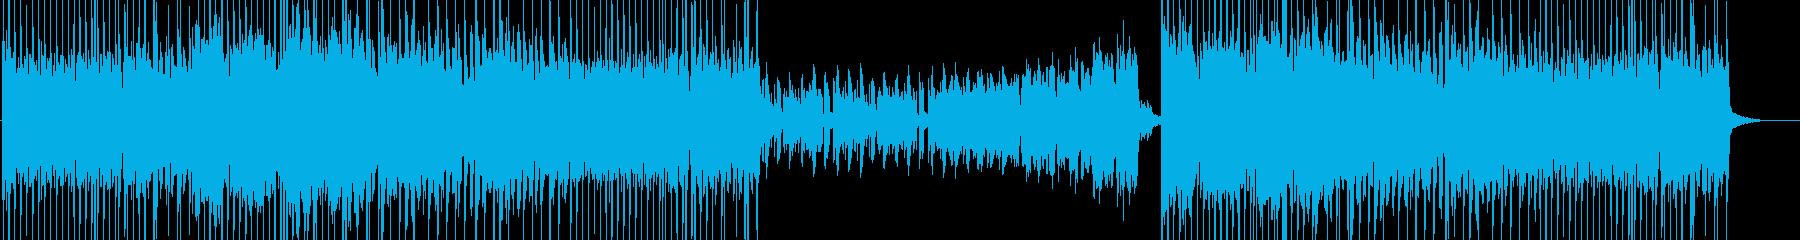 明るい雰囲気のEDMの曲の再生済みの波形